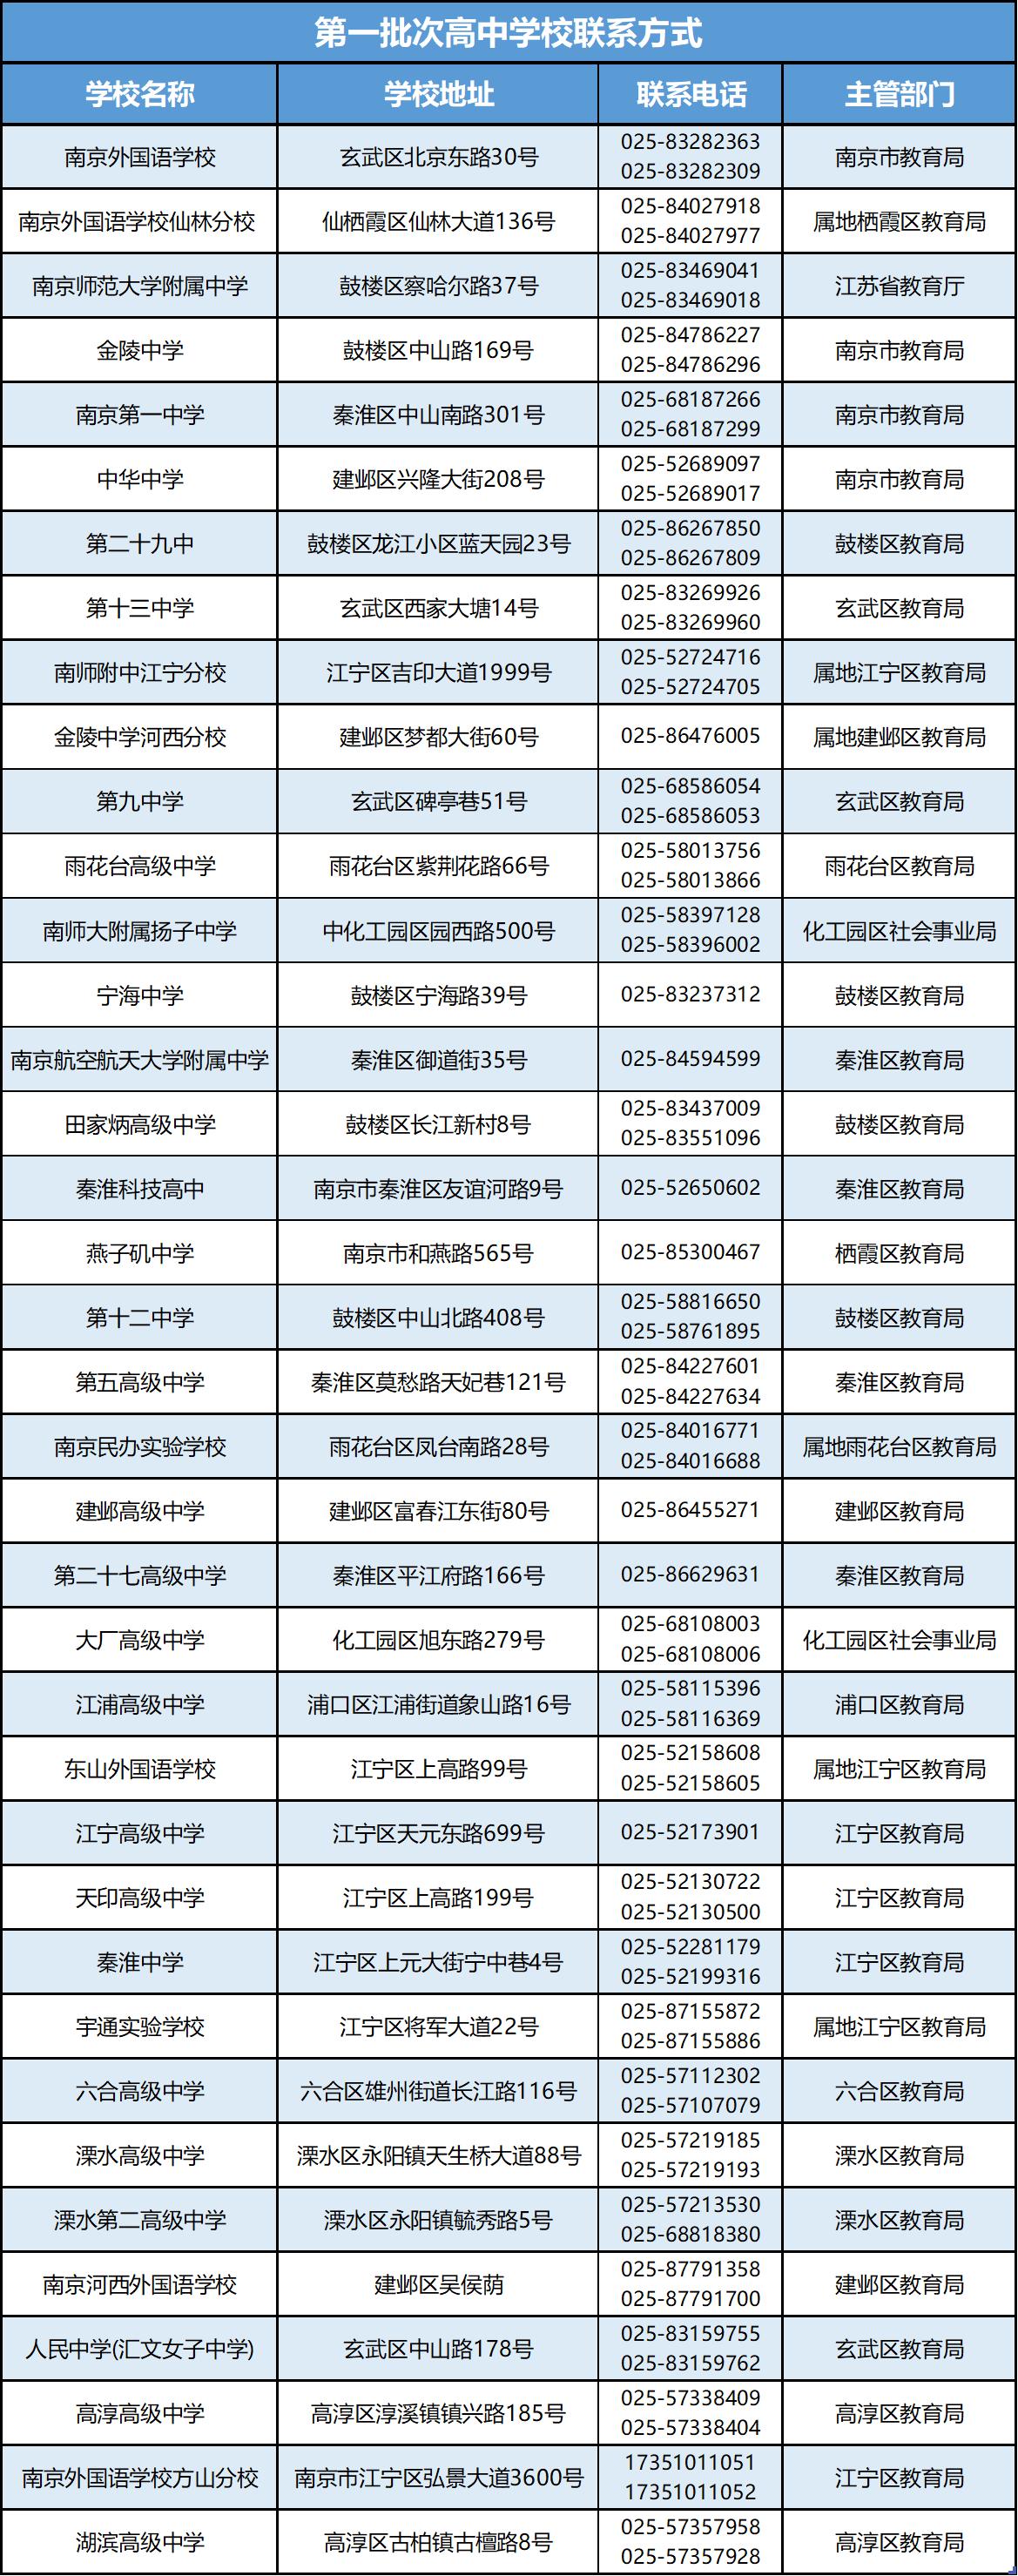 2020南京中招高中学校联系方式,中招学校联系方式